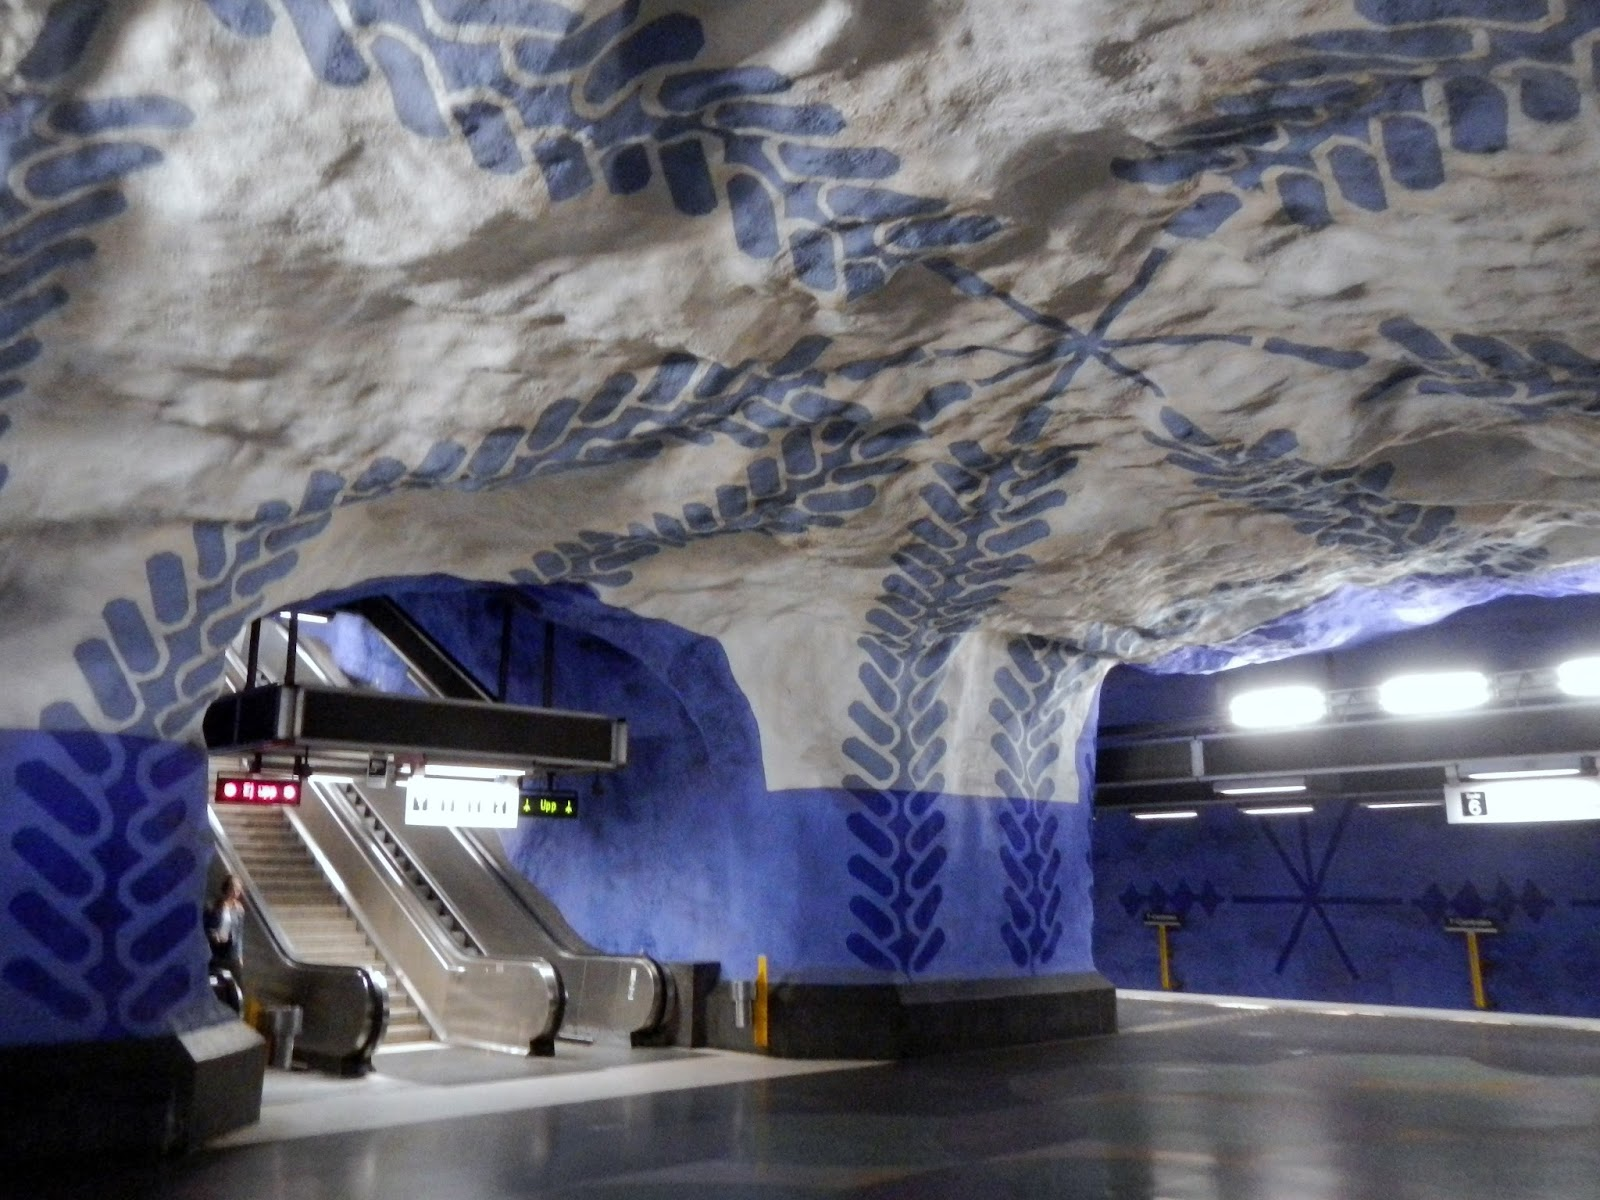 Tunnelbana station